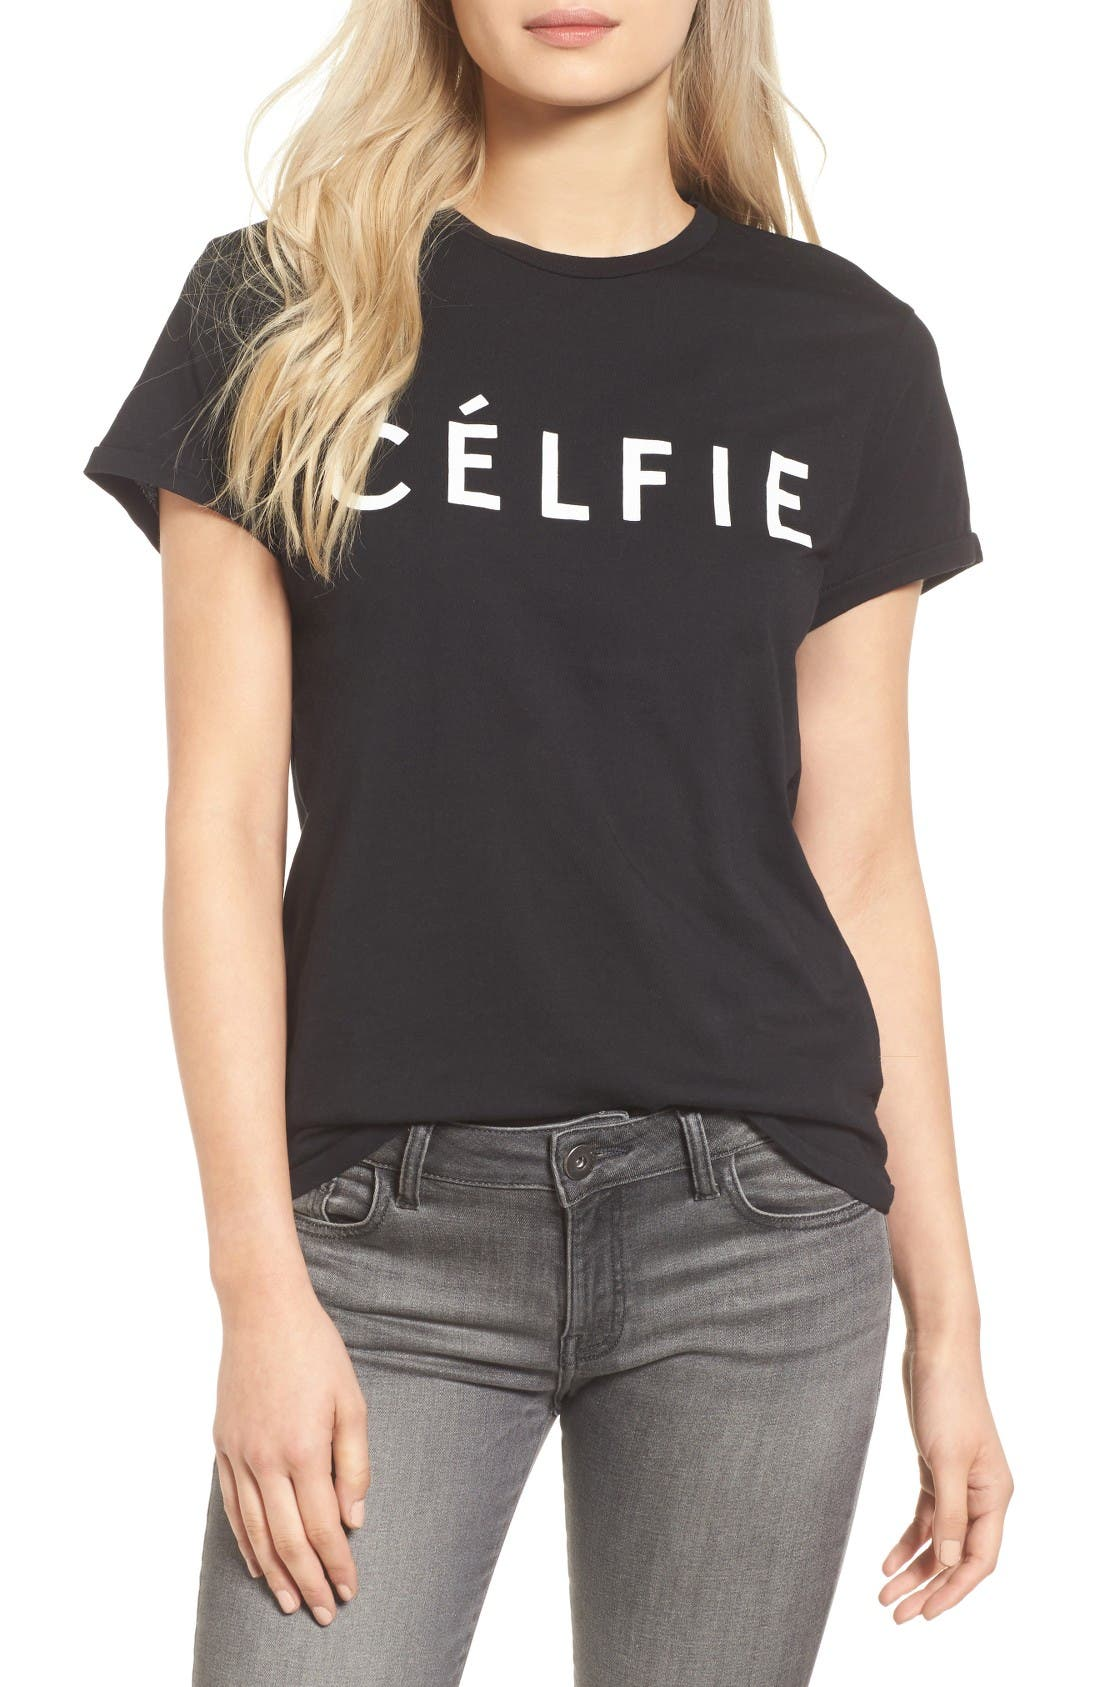 'Célfie' Graphic Tee,                             Main thumbnail 1, color,                             Black